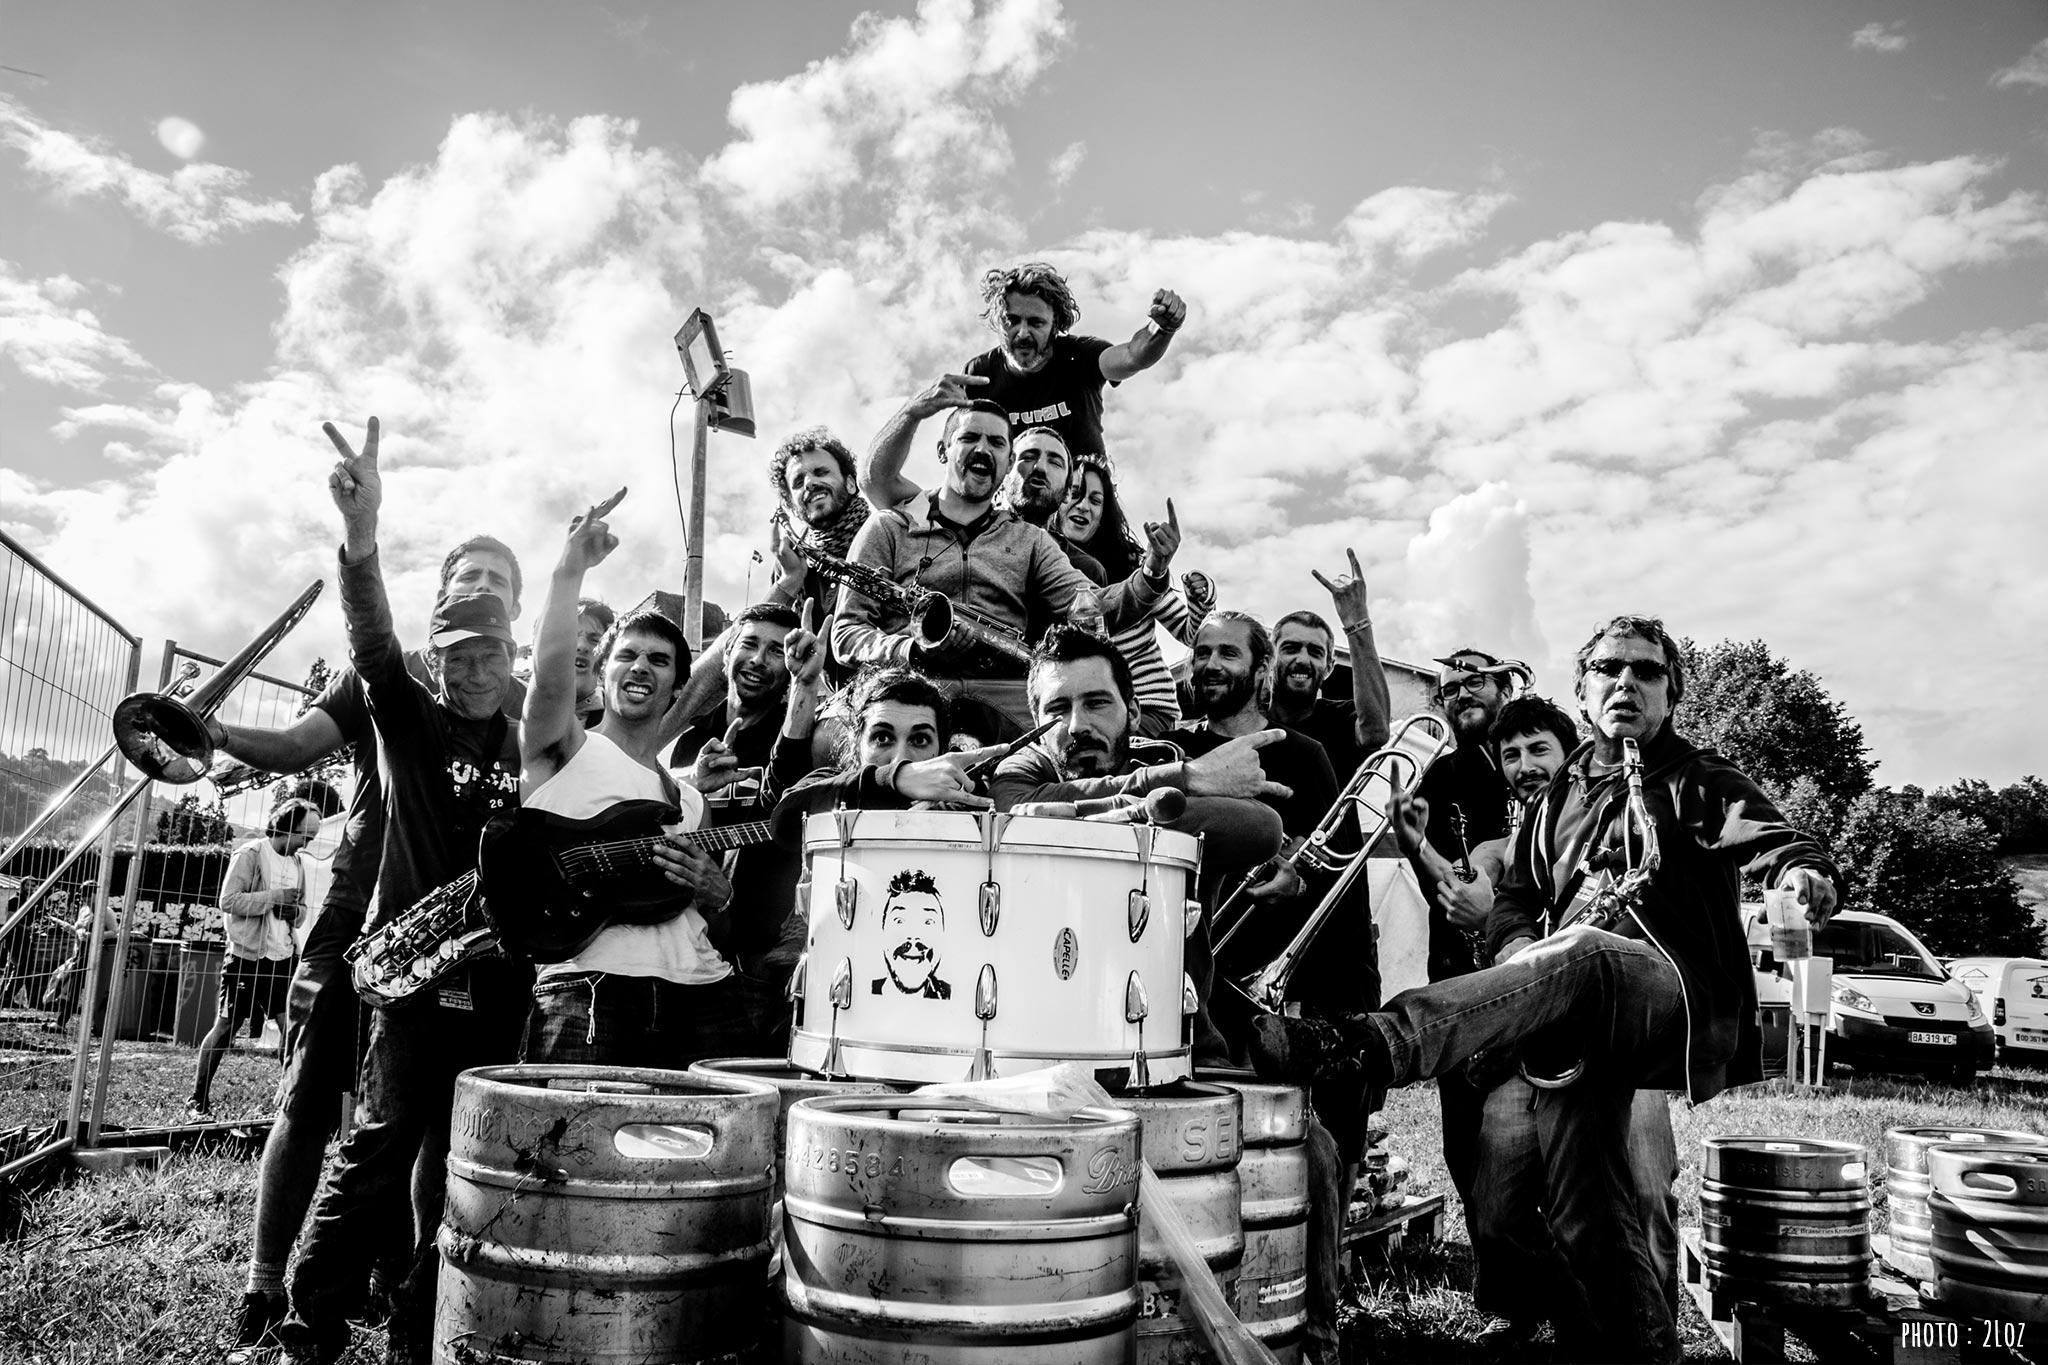 """[Fanfare punk] Quinze ans déjà que La Collectore marche sans filet sur le fil de la vie collective et musicale, les pieds sur les nuages et la tête dans l'utopie. Ils sortent à l'occasion du festival leur 3ème album, """"Présent des astres"""" après 7 ans d'attente insupportable !!!"""